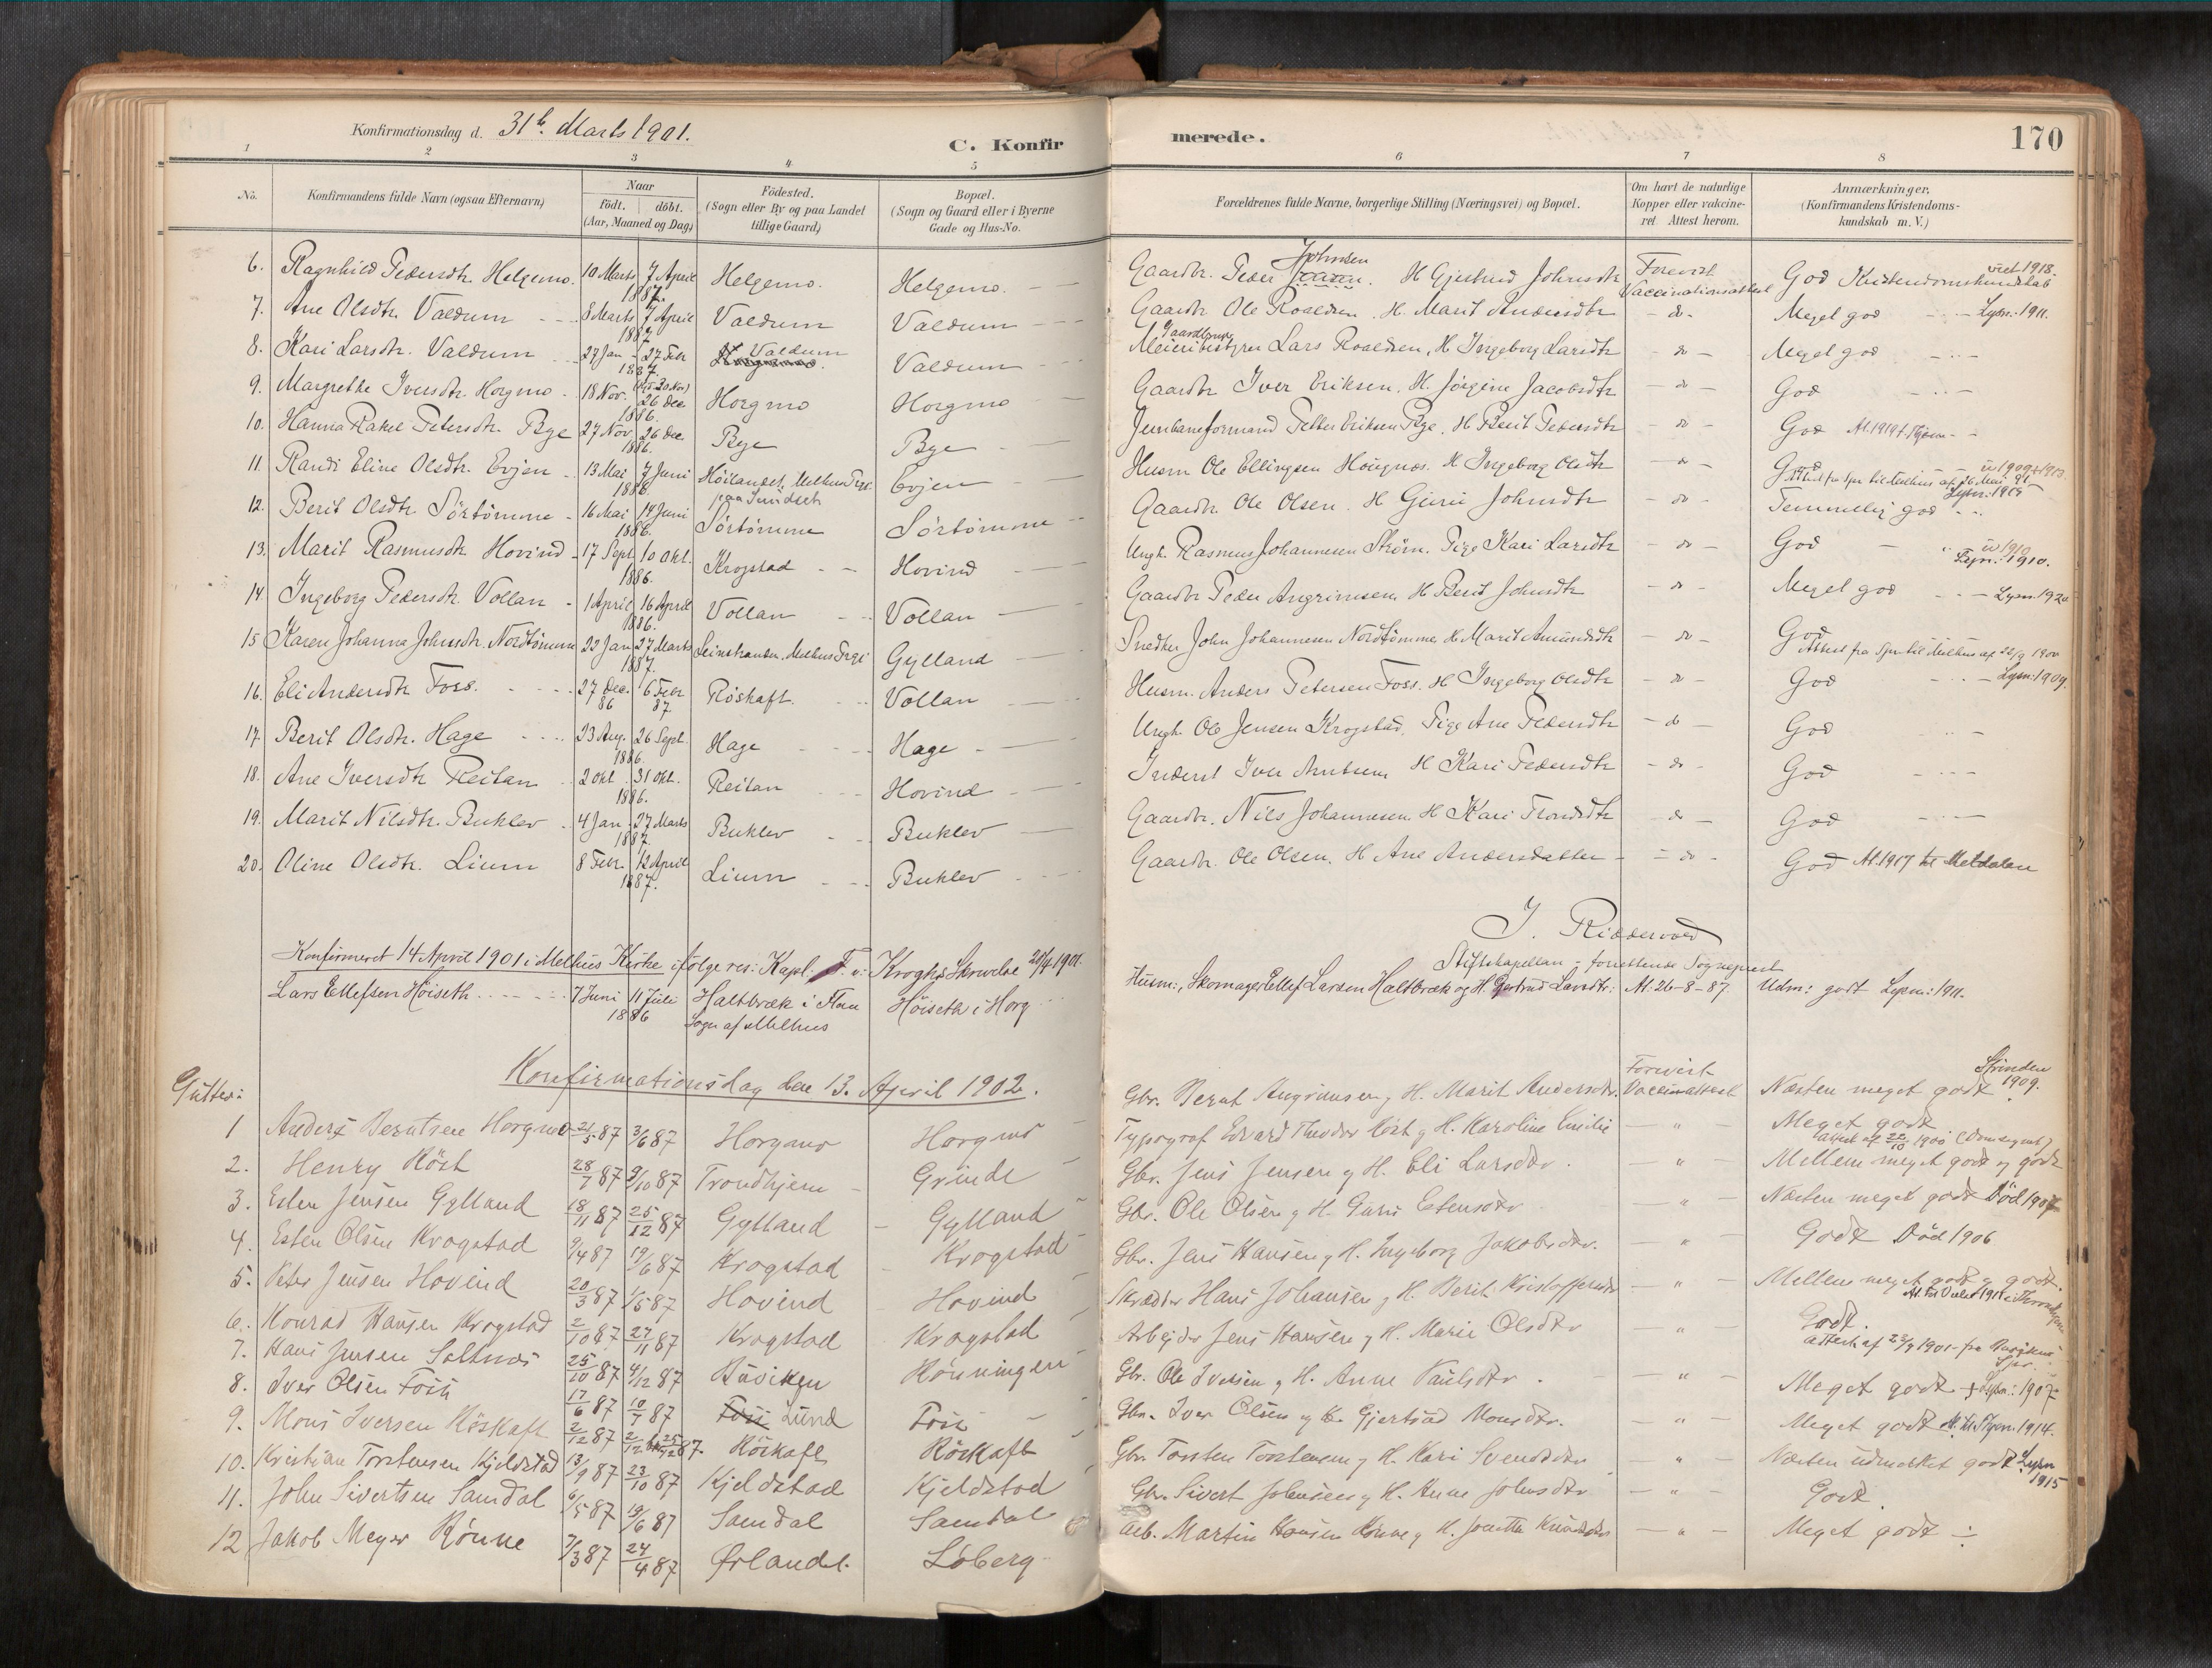 SAT, Ministerialprotokoller, klokkerbøker og fødselsregistre - Sør-Trøndelag, 692/L1105b: Ministerialbok nr. 692A06, 1891-1934, s. 170